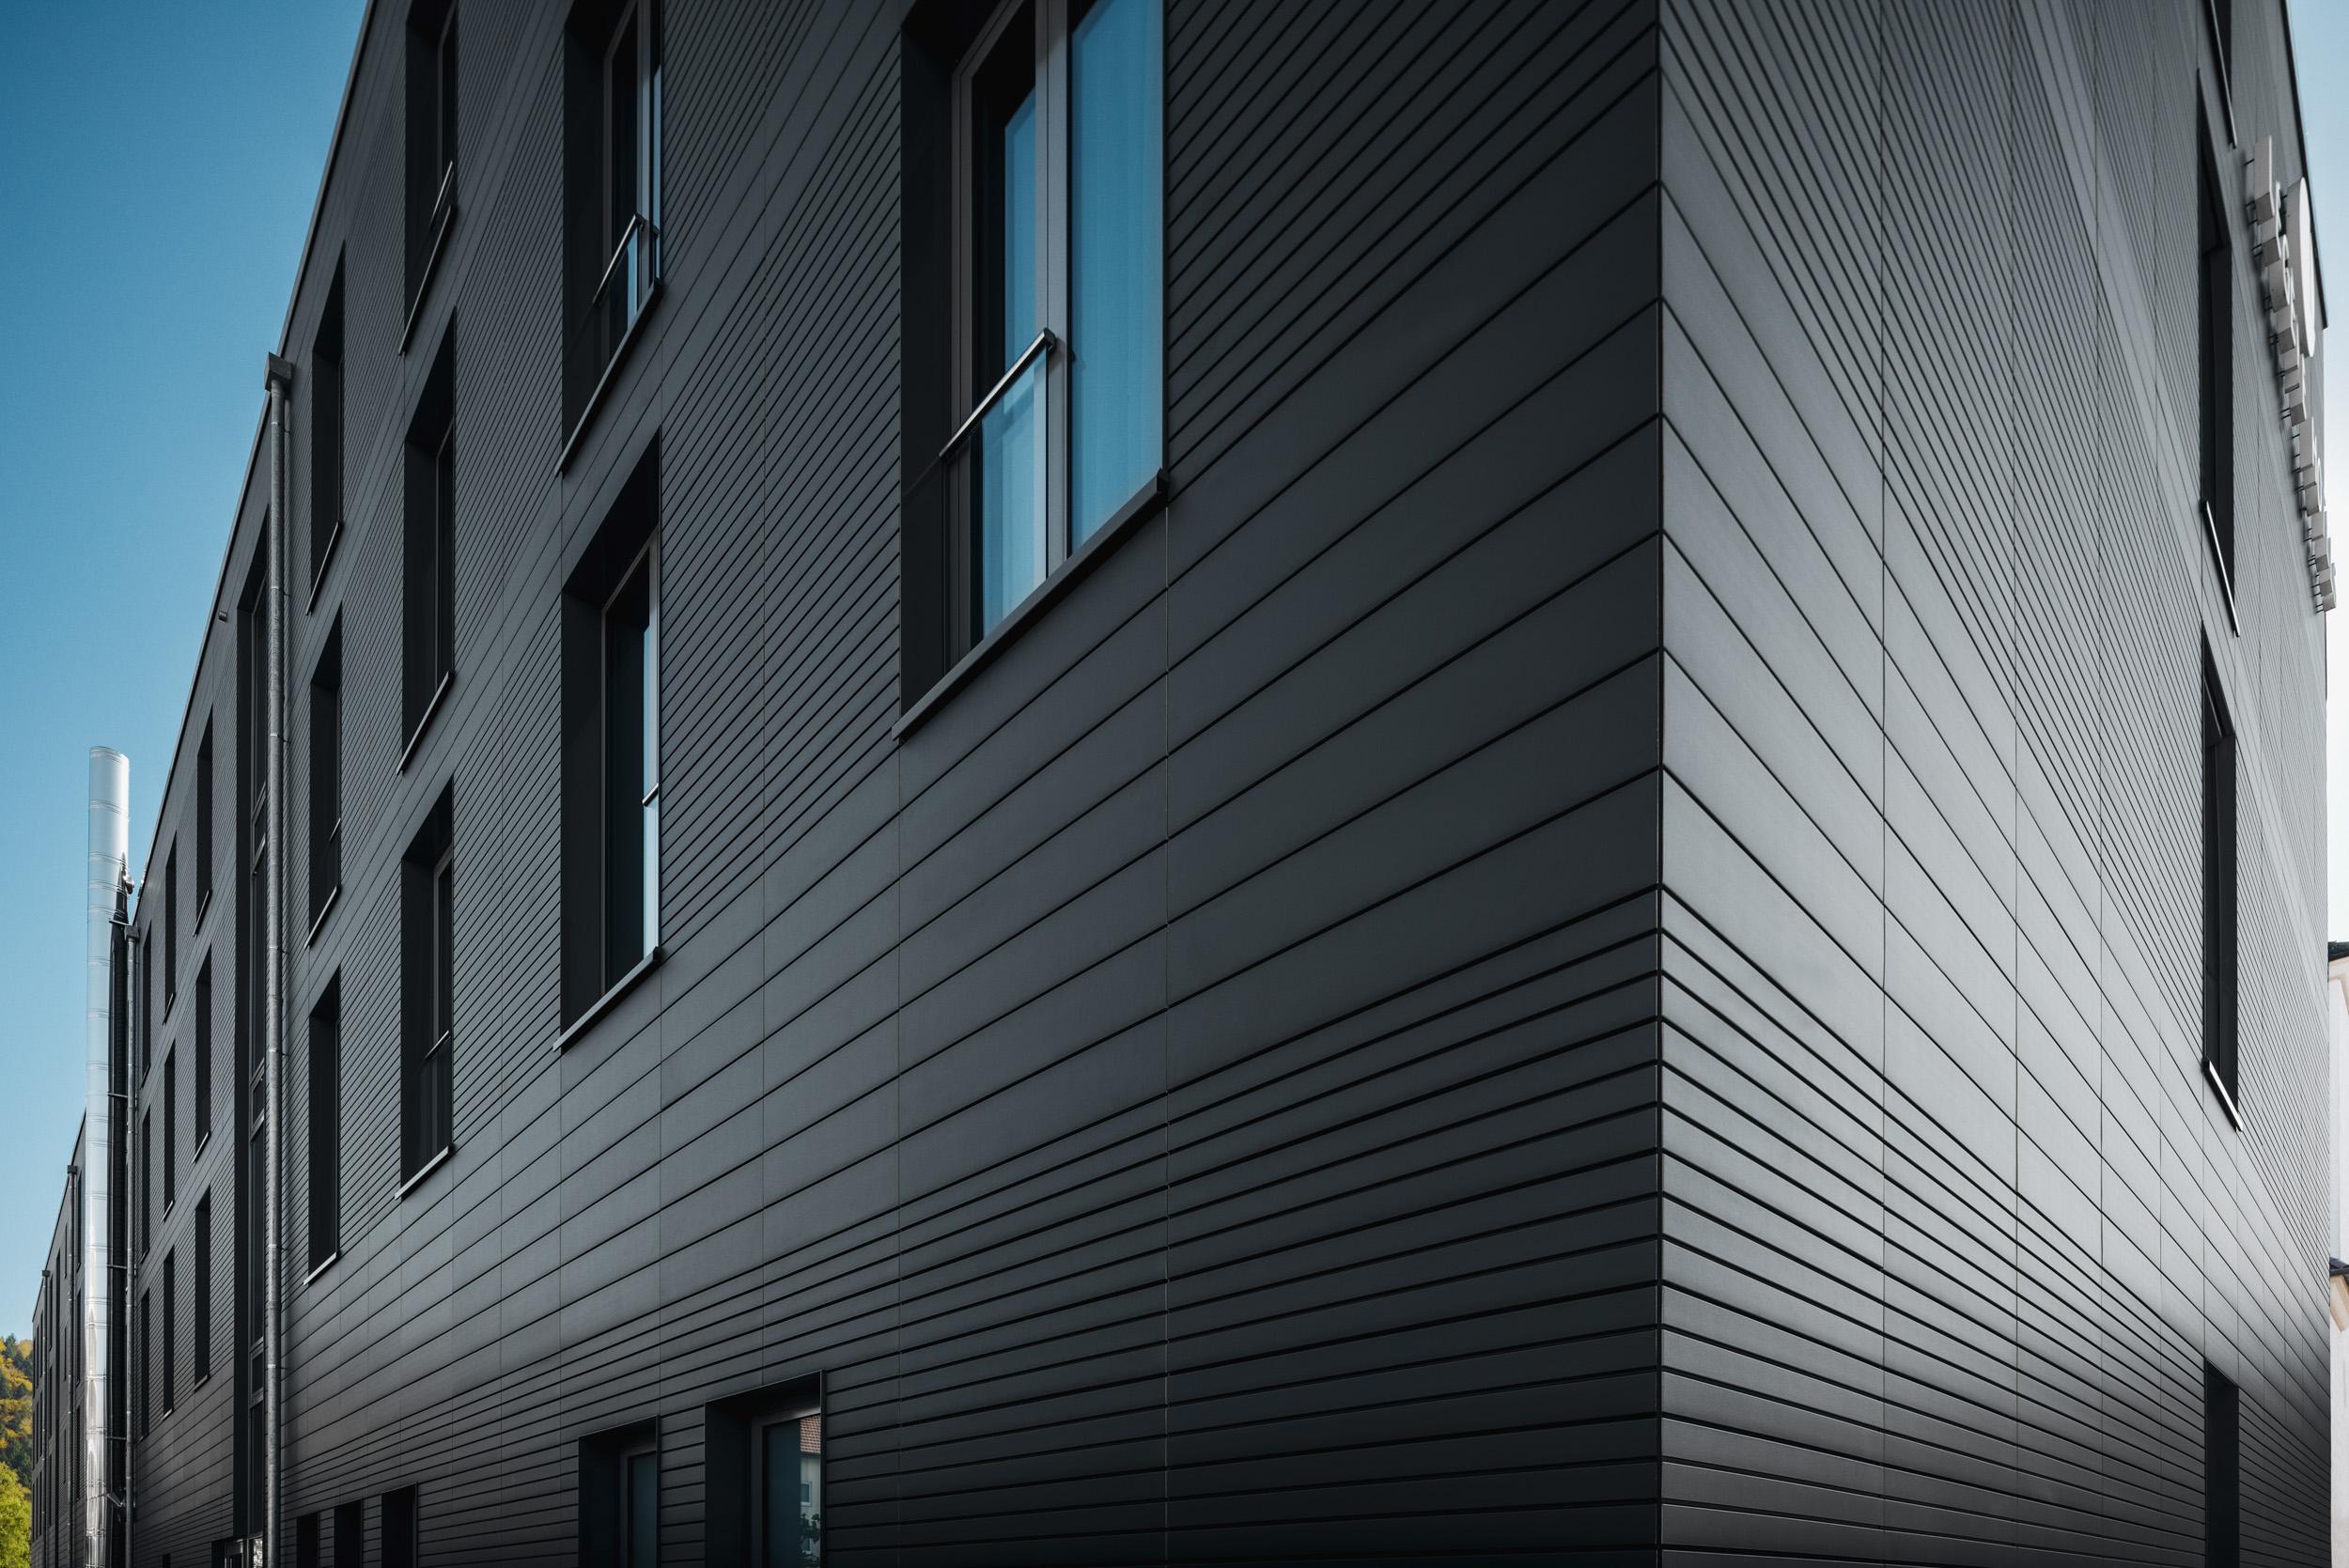 Gustav-Epple-Bauunternehmung-Legere-Hotel-Tuttlingen-MLX8436